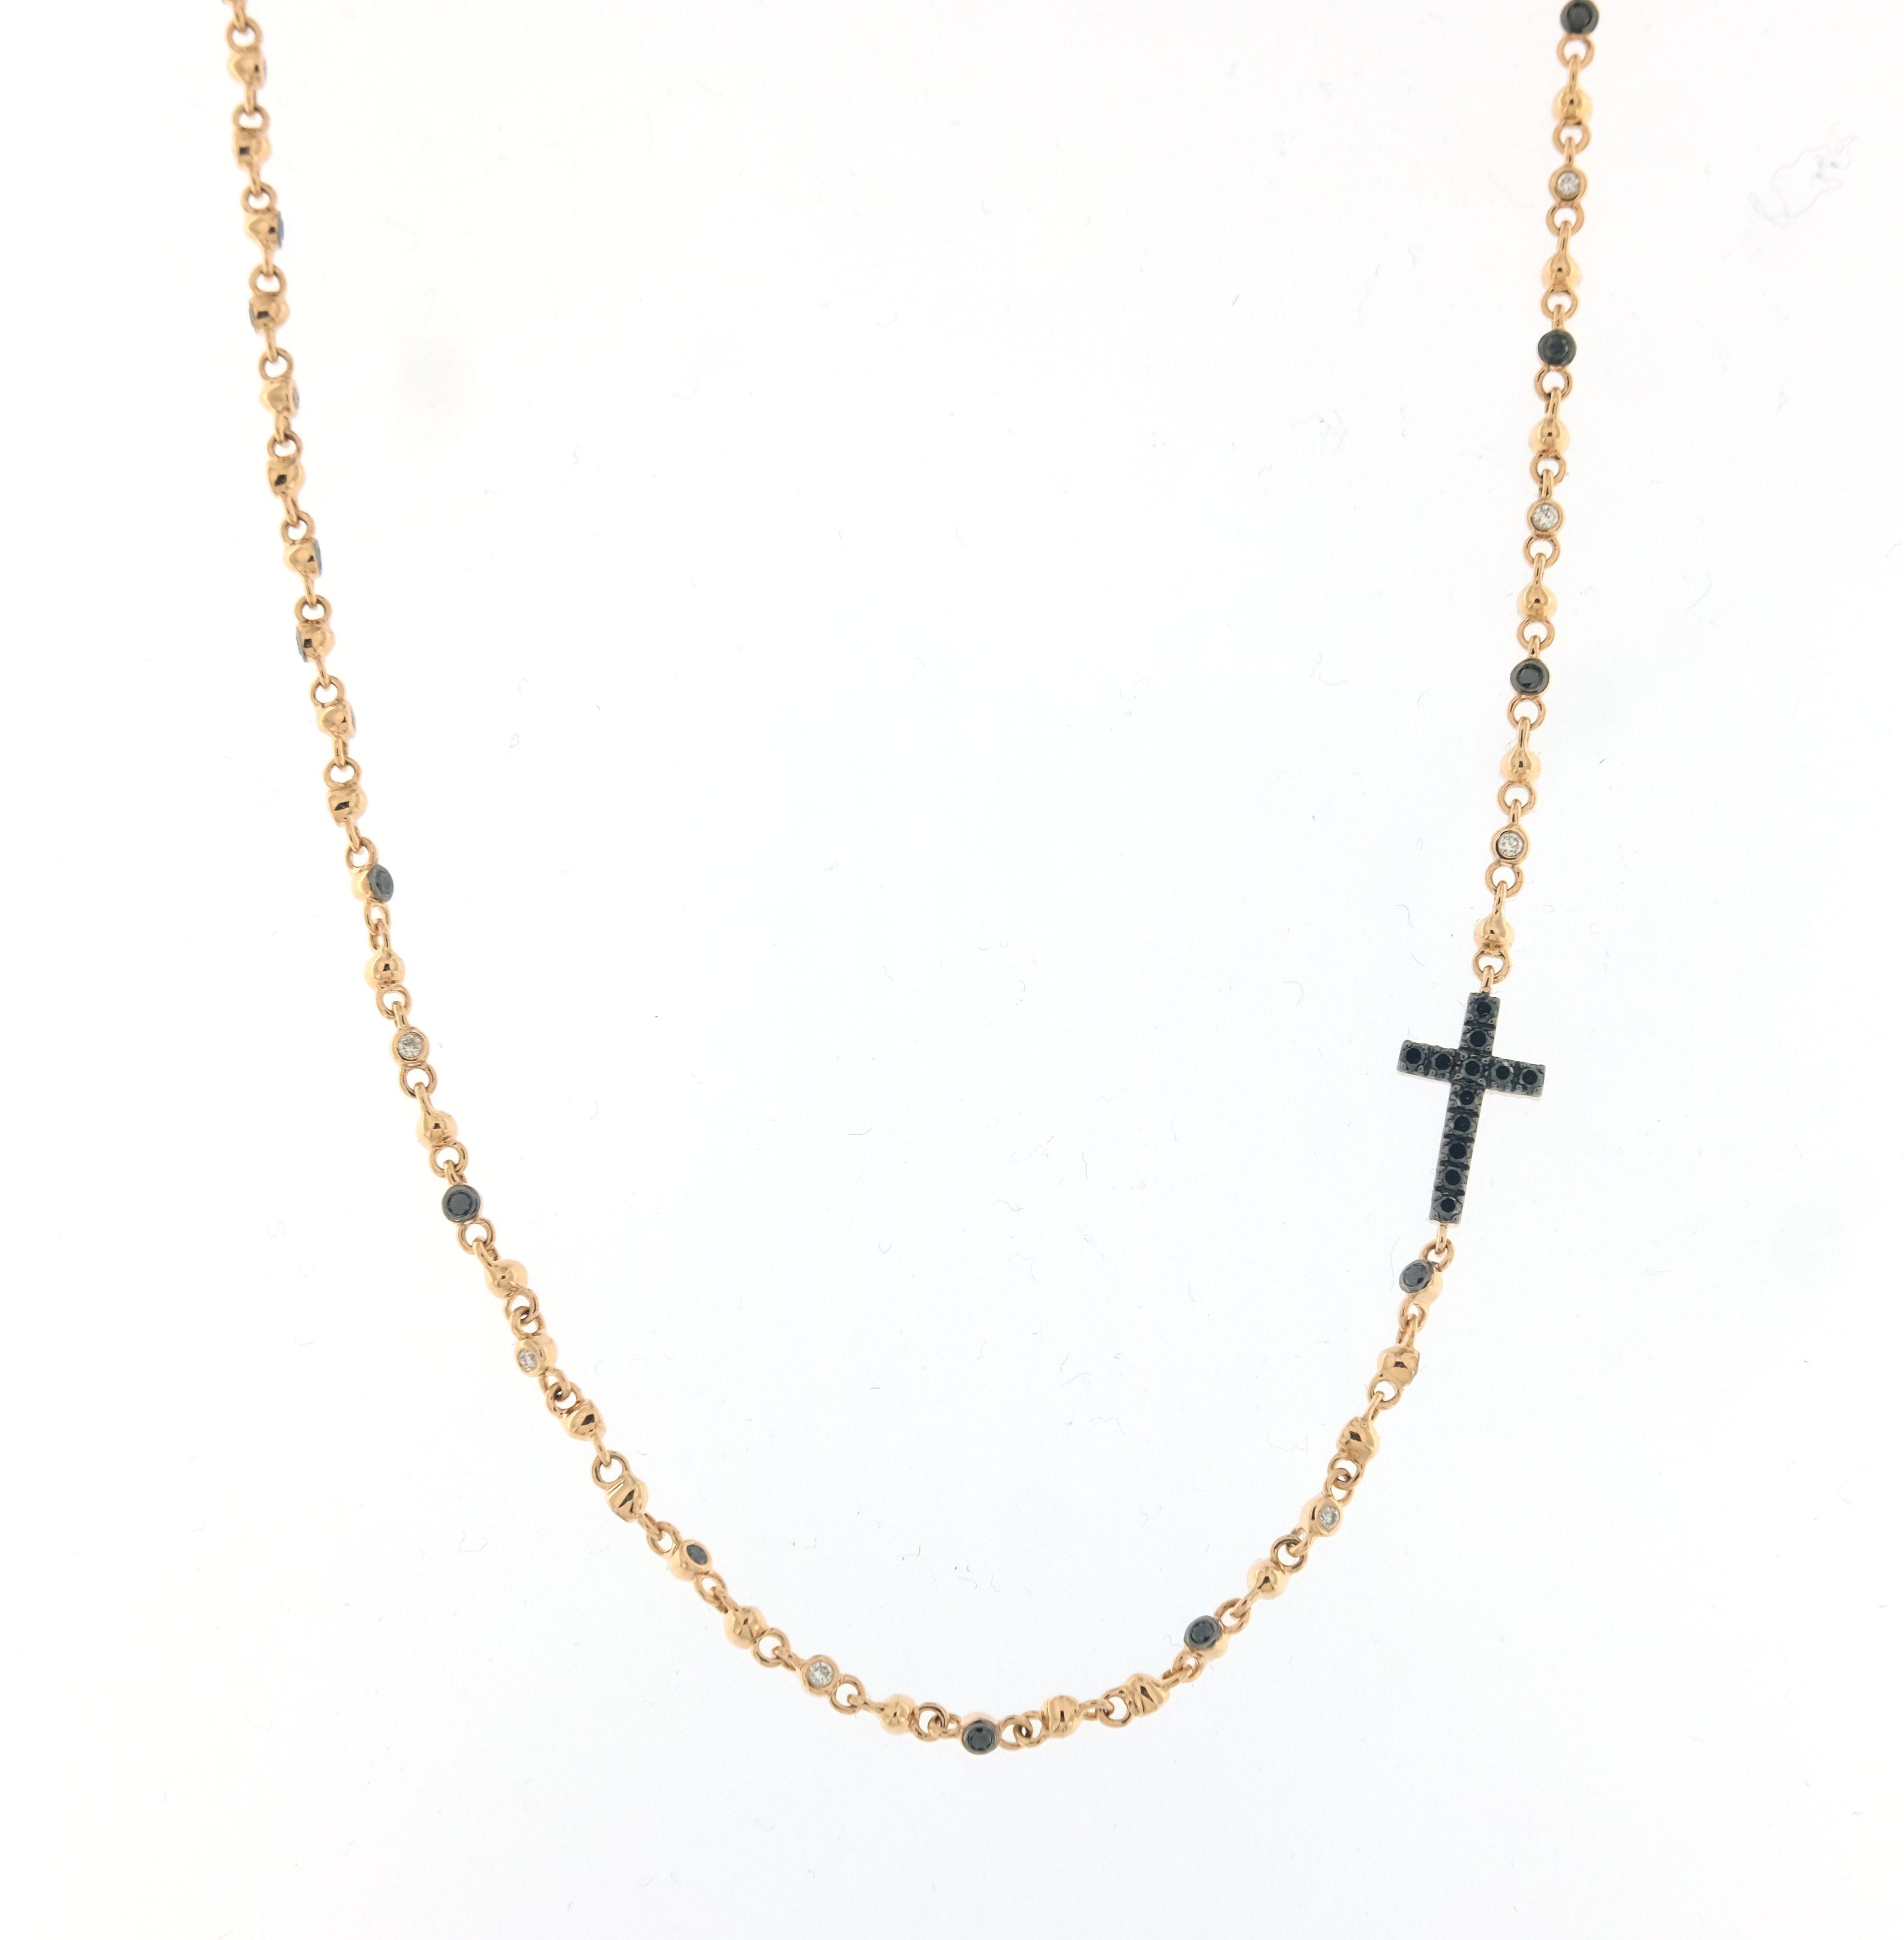 comprare popolare 2a141 eff8f Girocollo Crivelli in oro rosa con croce double diamanti neri e bianchi